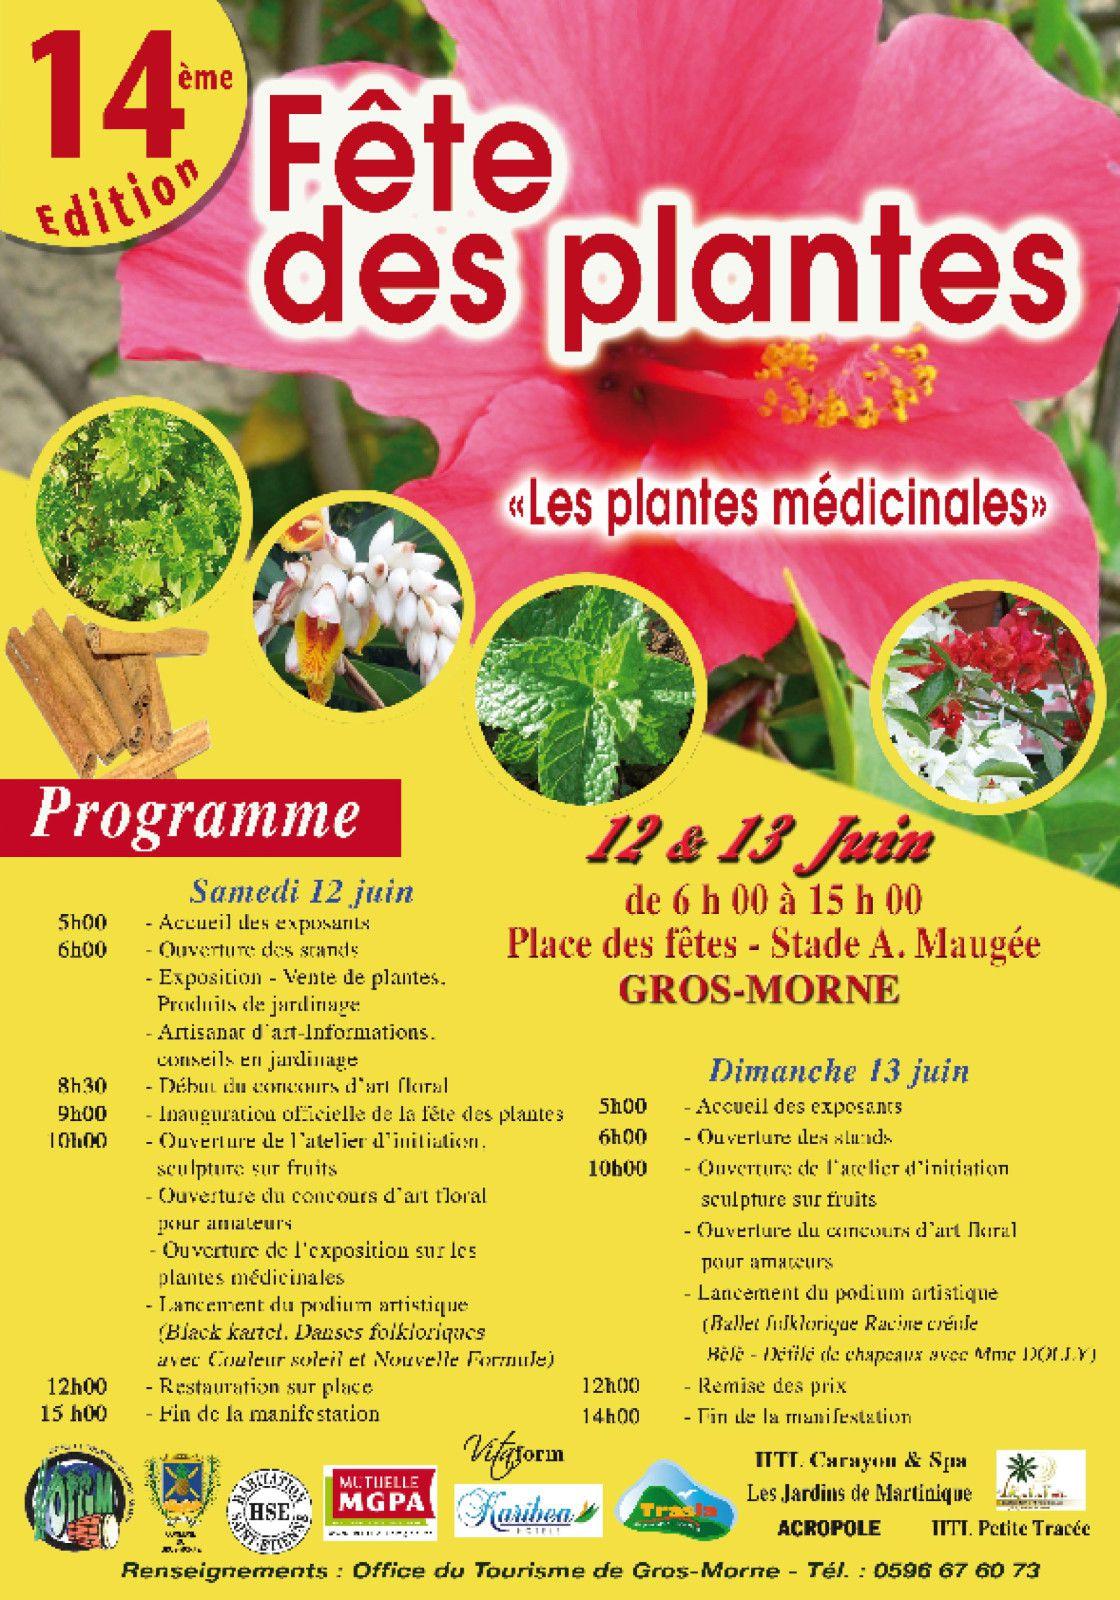 F tes des plantes 2010 12 et 13 juin le blog de la ville du gros morne - Fete des plantes chantilly ...